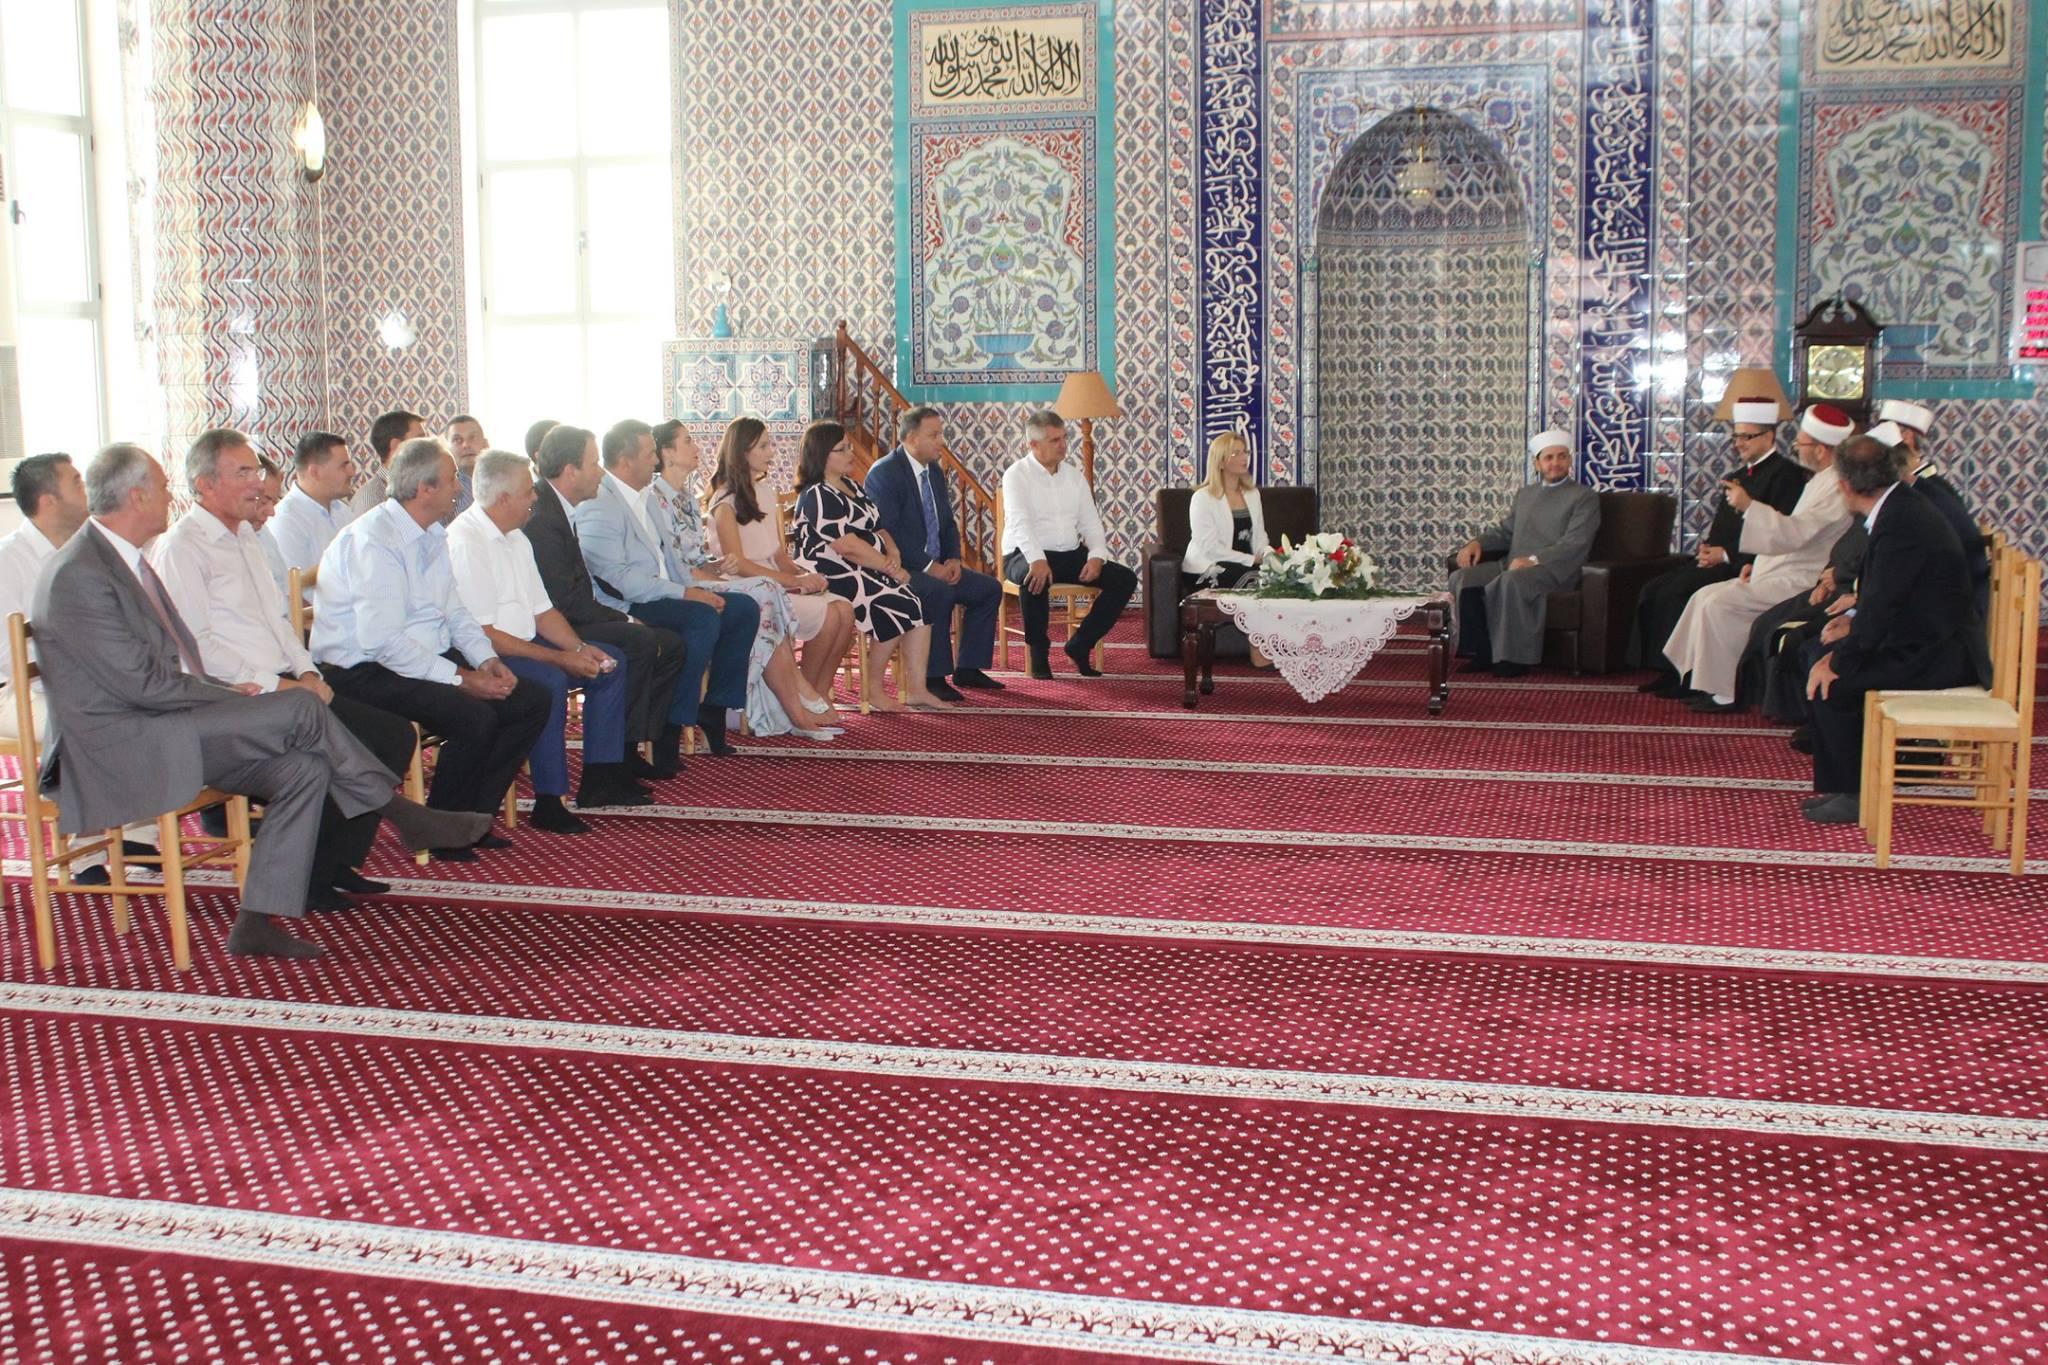 Miq dhe vizitorë vijnë për të uruar festën e Kurban Bajramit